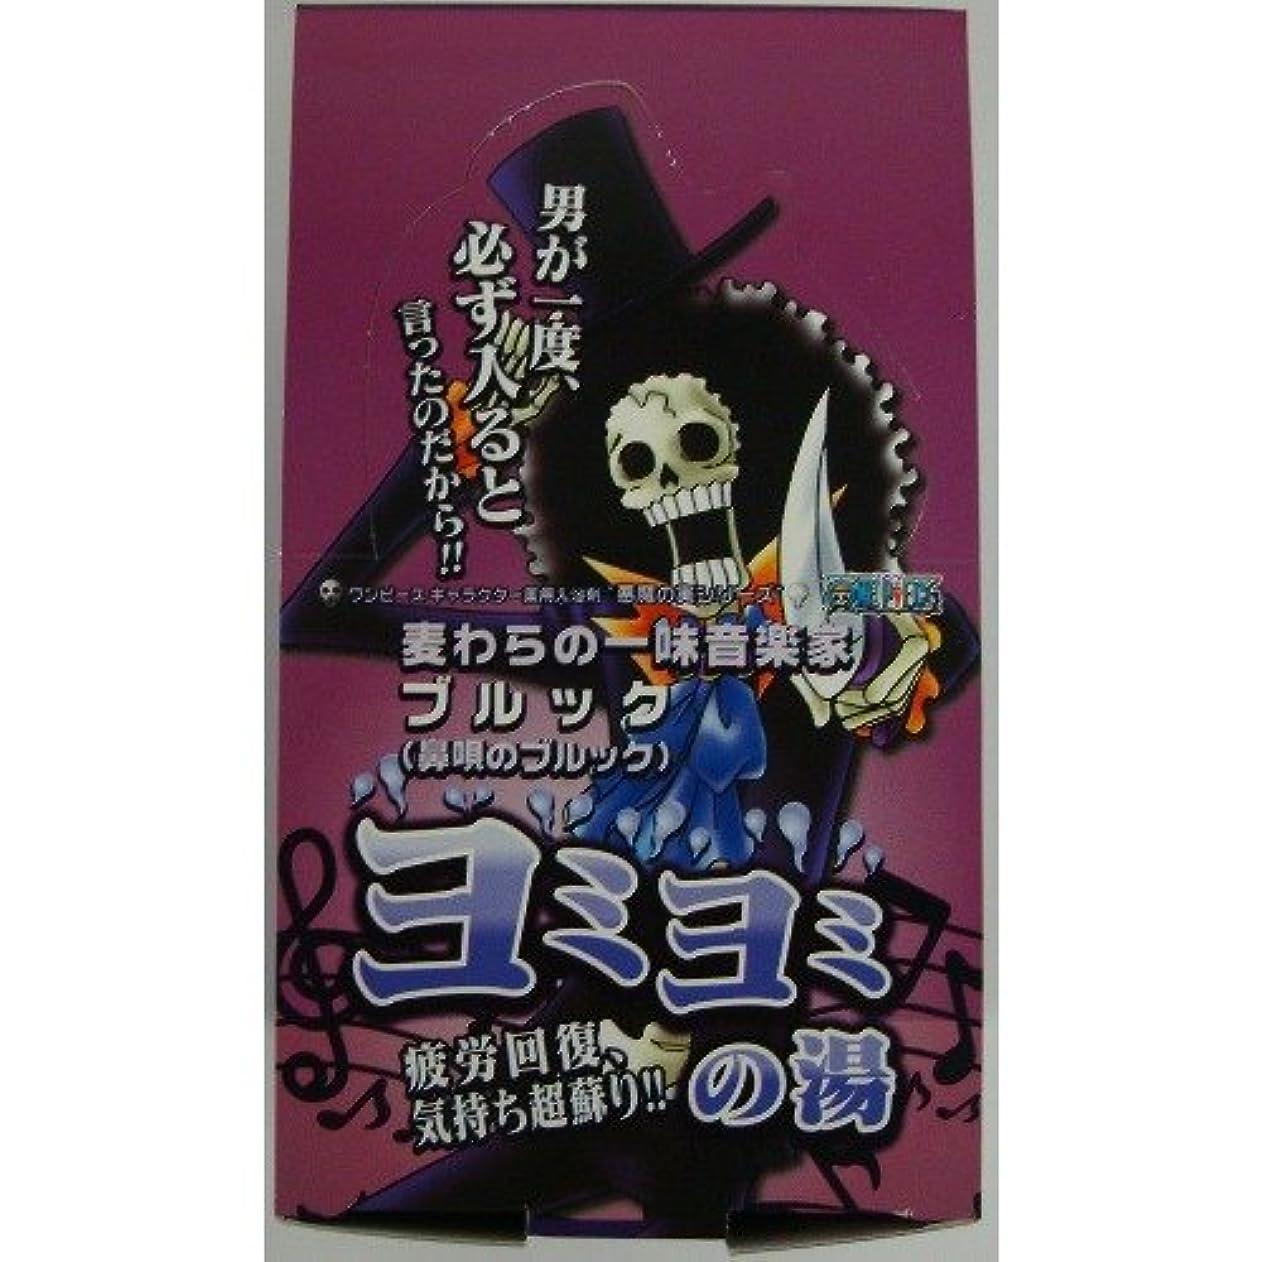 囚人窒素化学薬品悪魔の実シリーズ ヨミヨミの湯 ブルック 25g